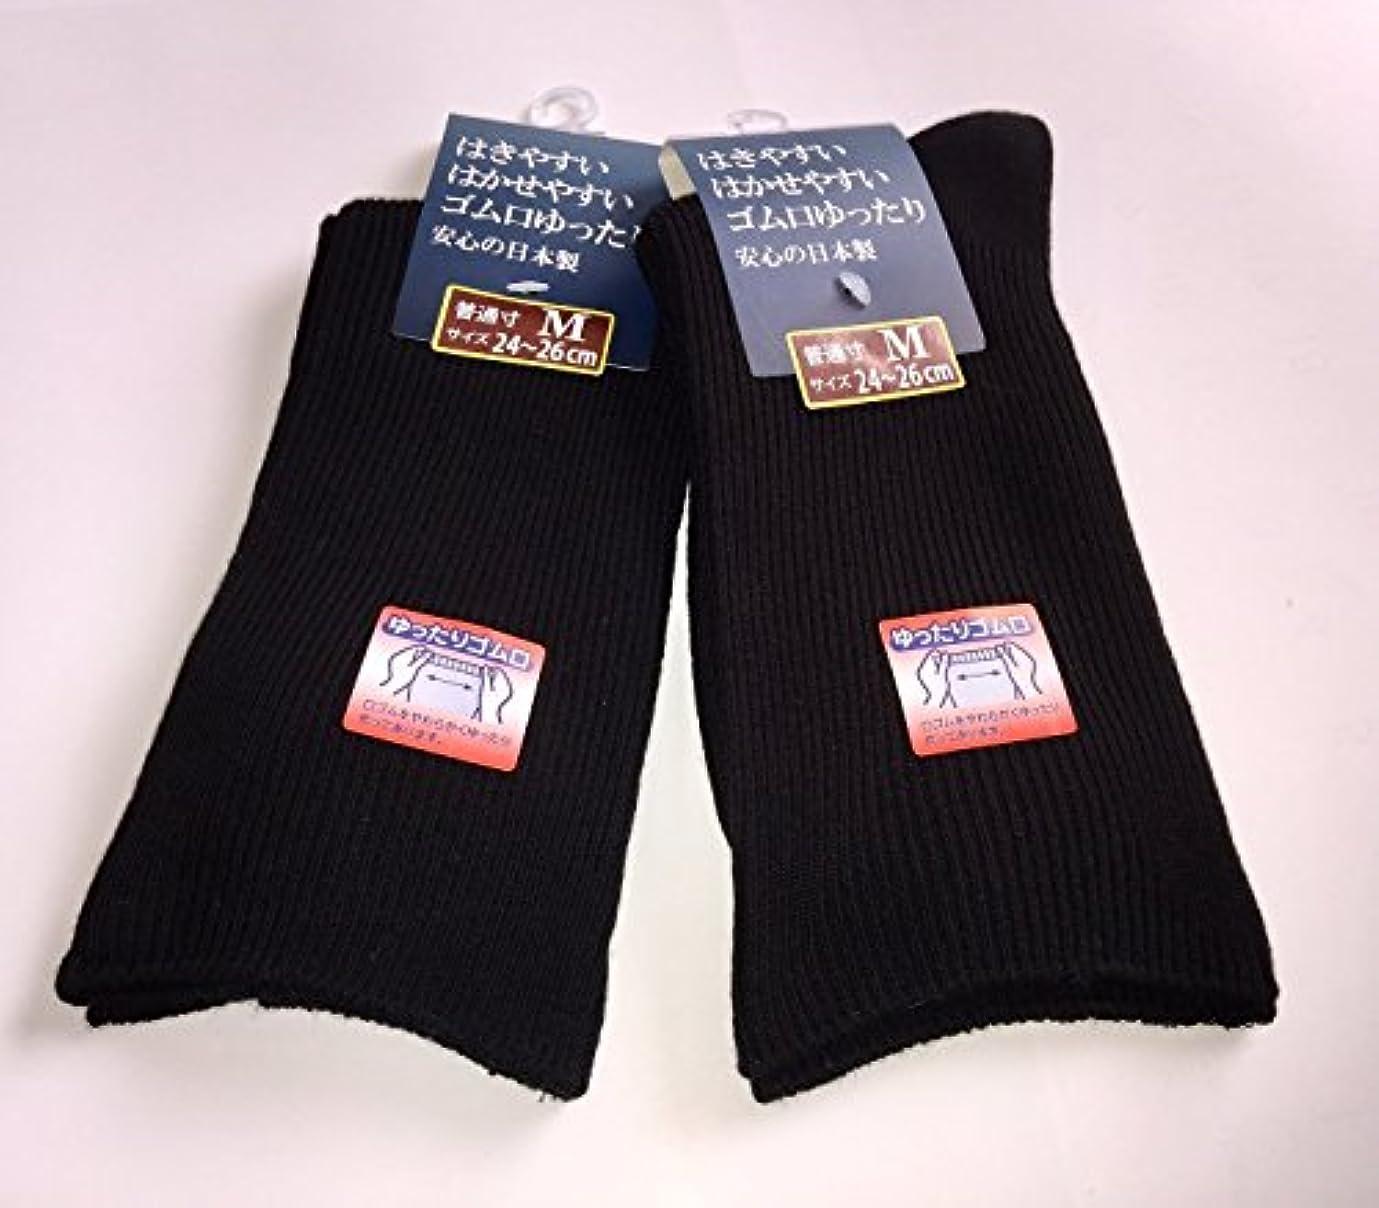 海峡あいまいなわずかな日本製 靴下 メンズ 口ゴムなし ゆったり靴下 24-26cm 2足組 (ブラック)